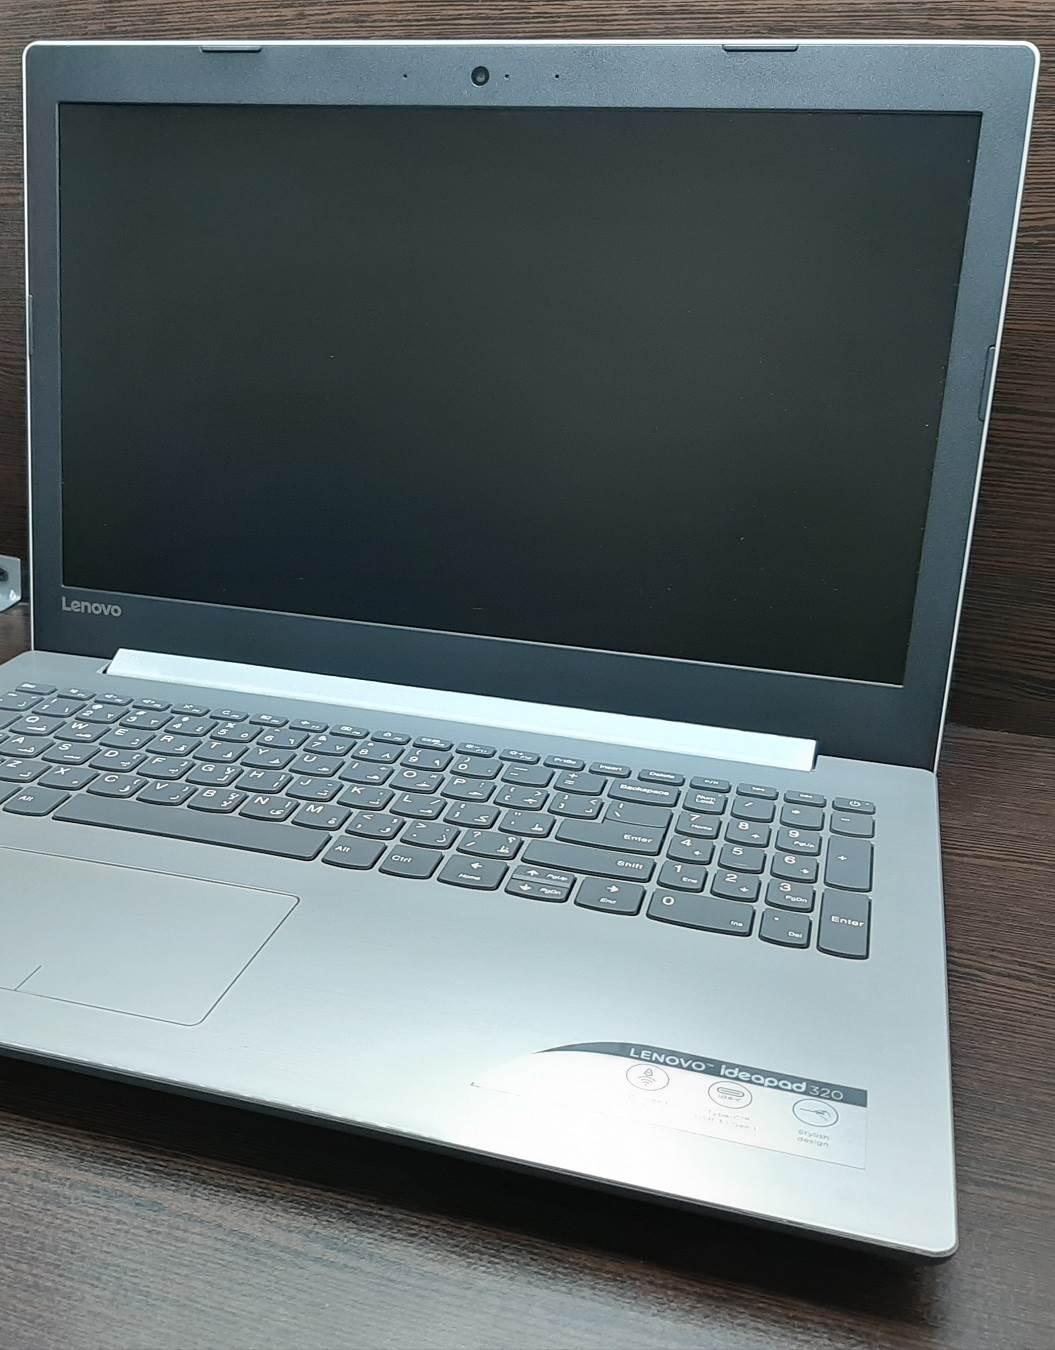 لپ تاپ استوک لنوو مدل Lenovo Ideapad 320 با مشخصات i5-8gen-8GB-1TB-HDD-2GB-nVidia-MX150